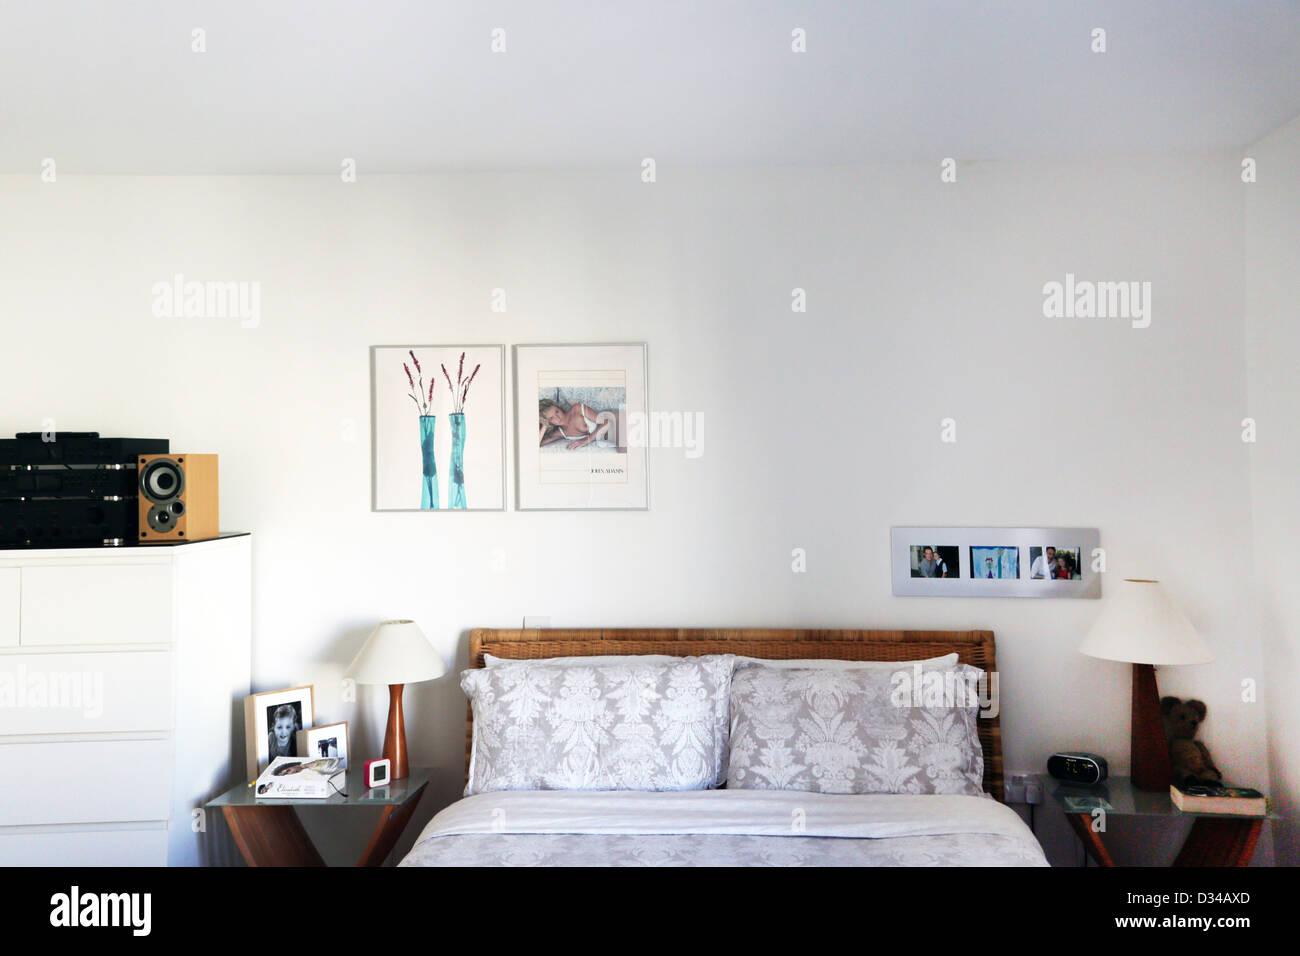 Chambre double avec tables de chevet et la photo sur le mur Cheltenham GLOUCESTERSHIRE Angleterre Photo Stock